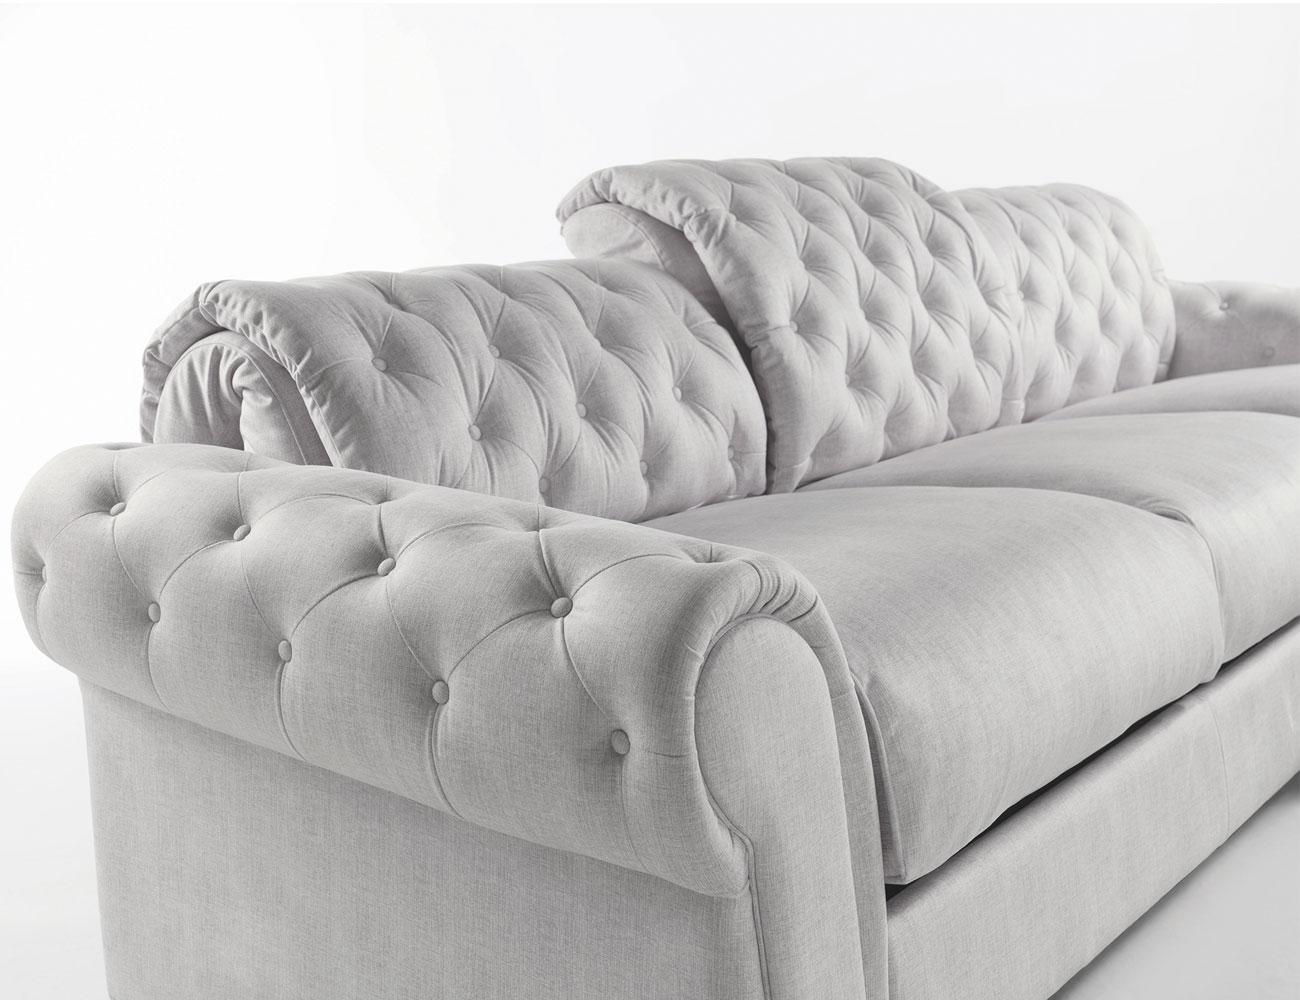 Sofa chaiselongue gran lujo decorativo capitone blanco tela 135